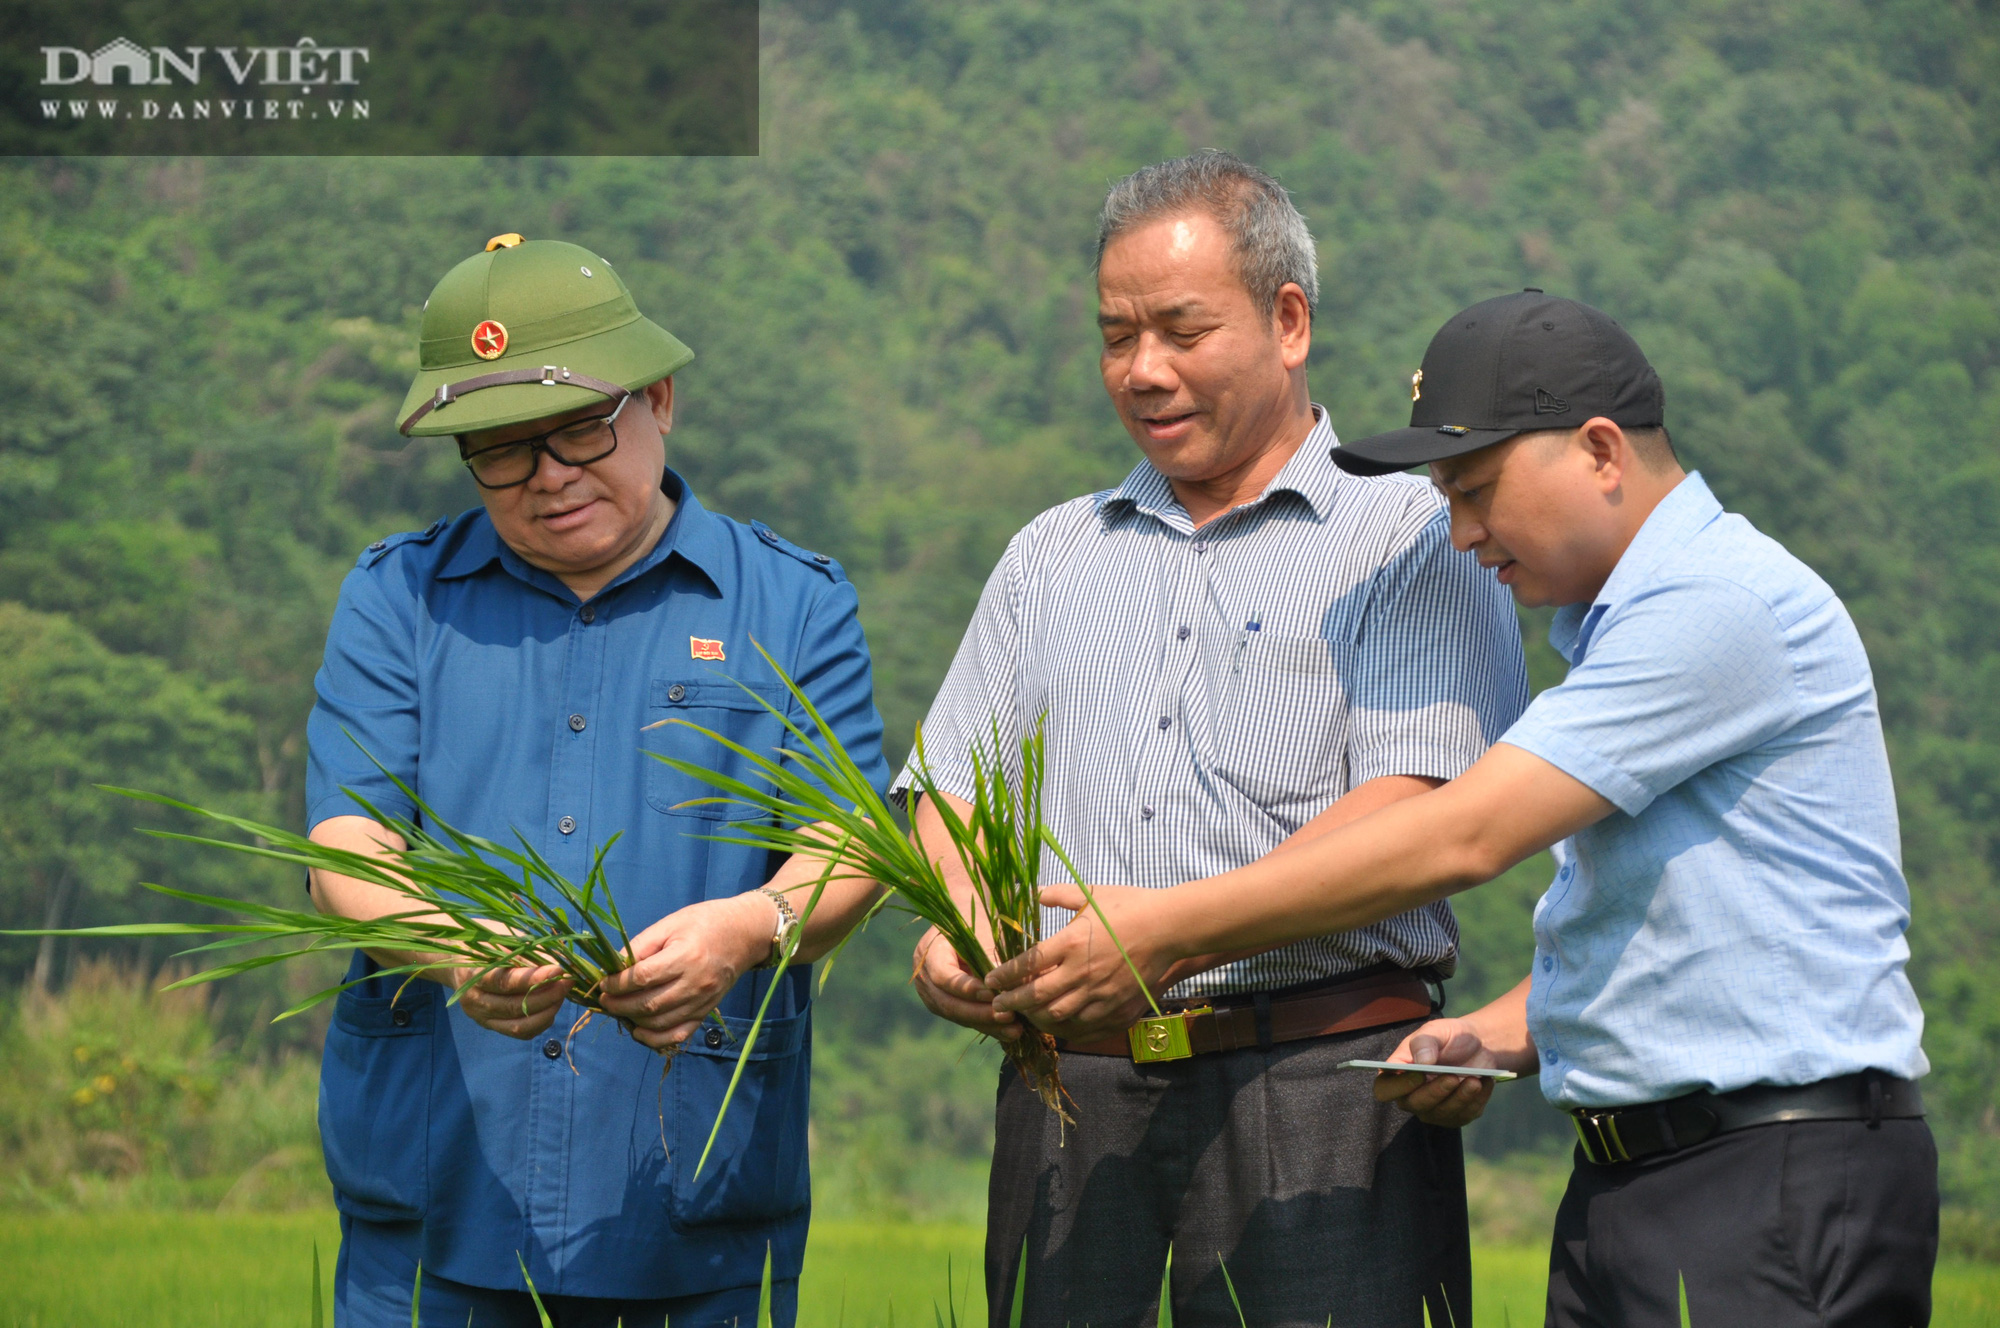 """Chủ tịch Hội Nông dân Việt Nam """"mách nước"""" giúp dân Lai Châu sản xuất lúa theo tiêu chuẩn quốc tế - Ảnh 3."""